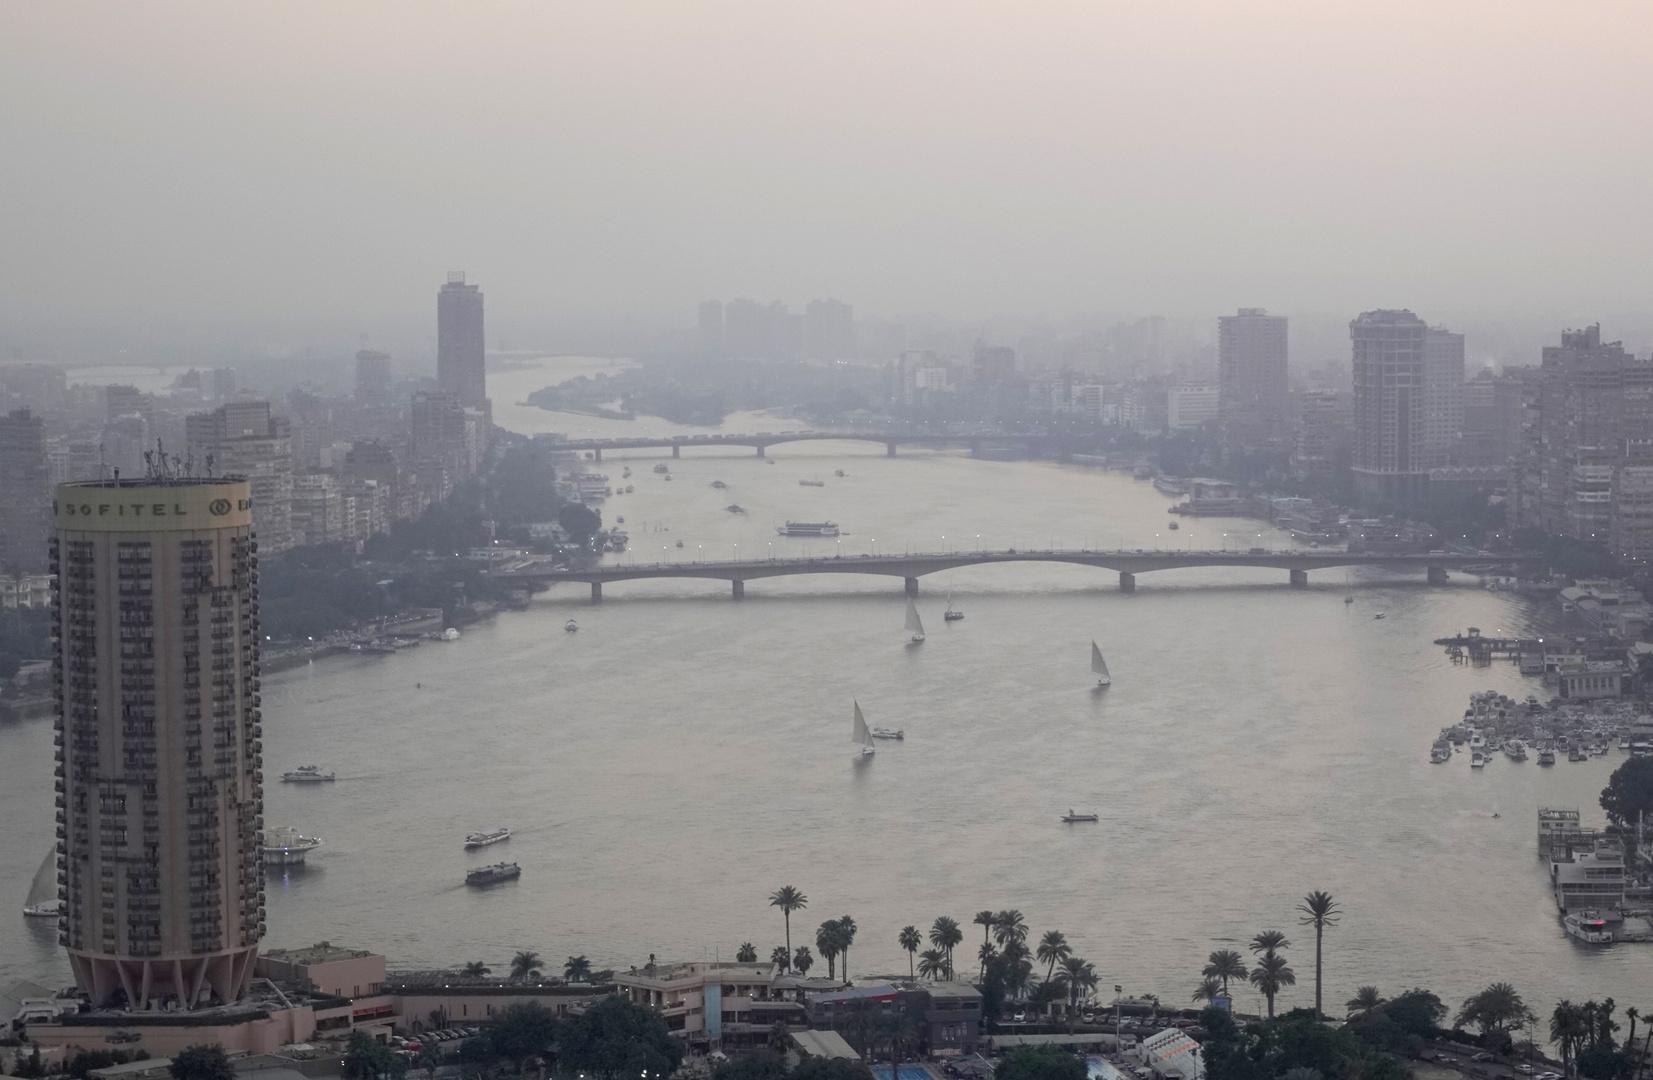 قمة ثلاثية مصرية أردنية فلسطينية في القاهرة